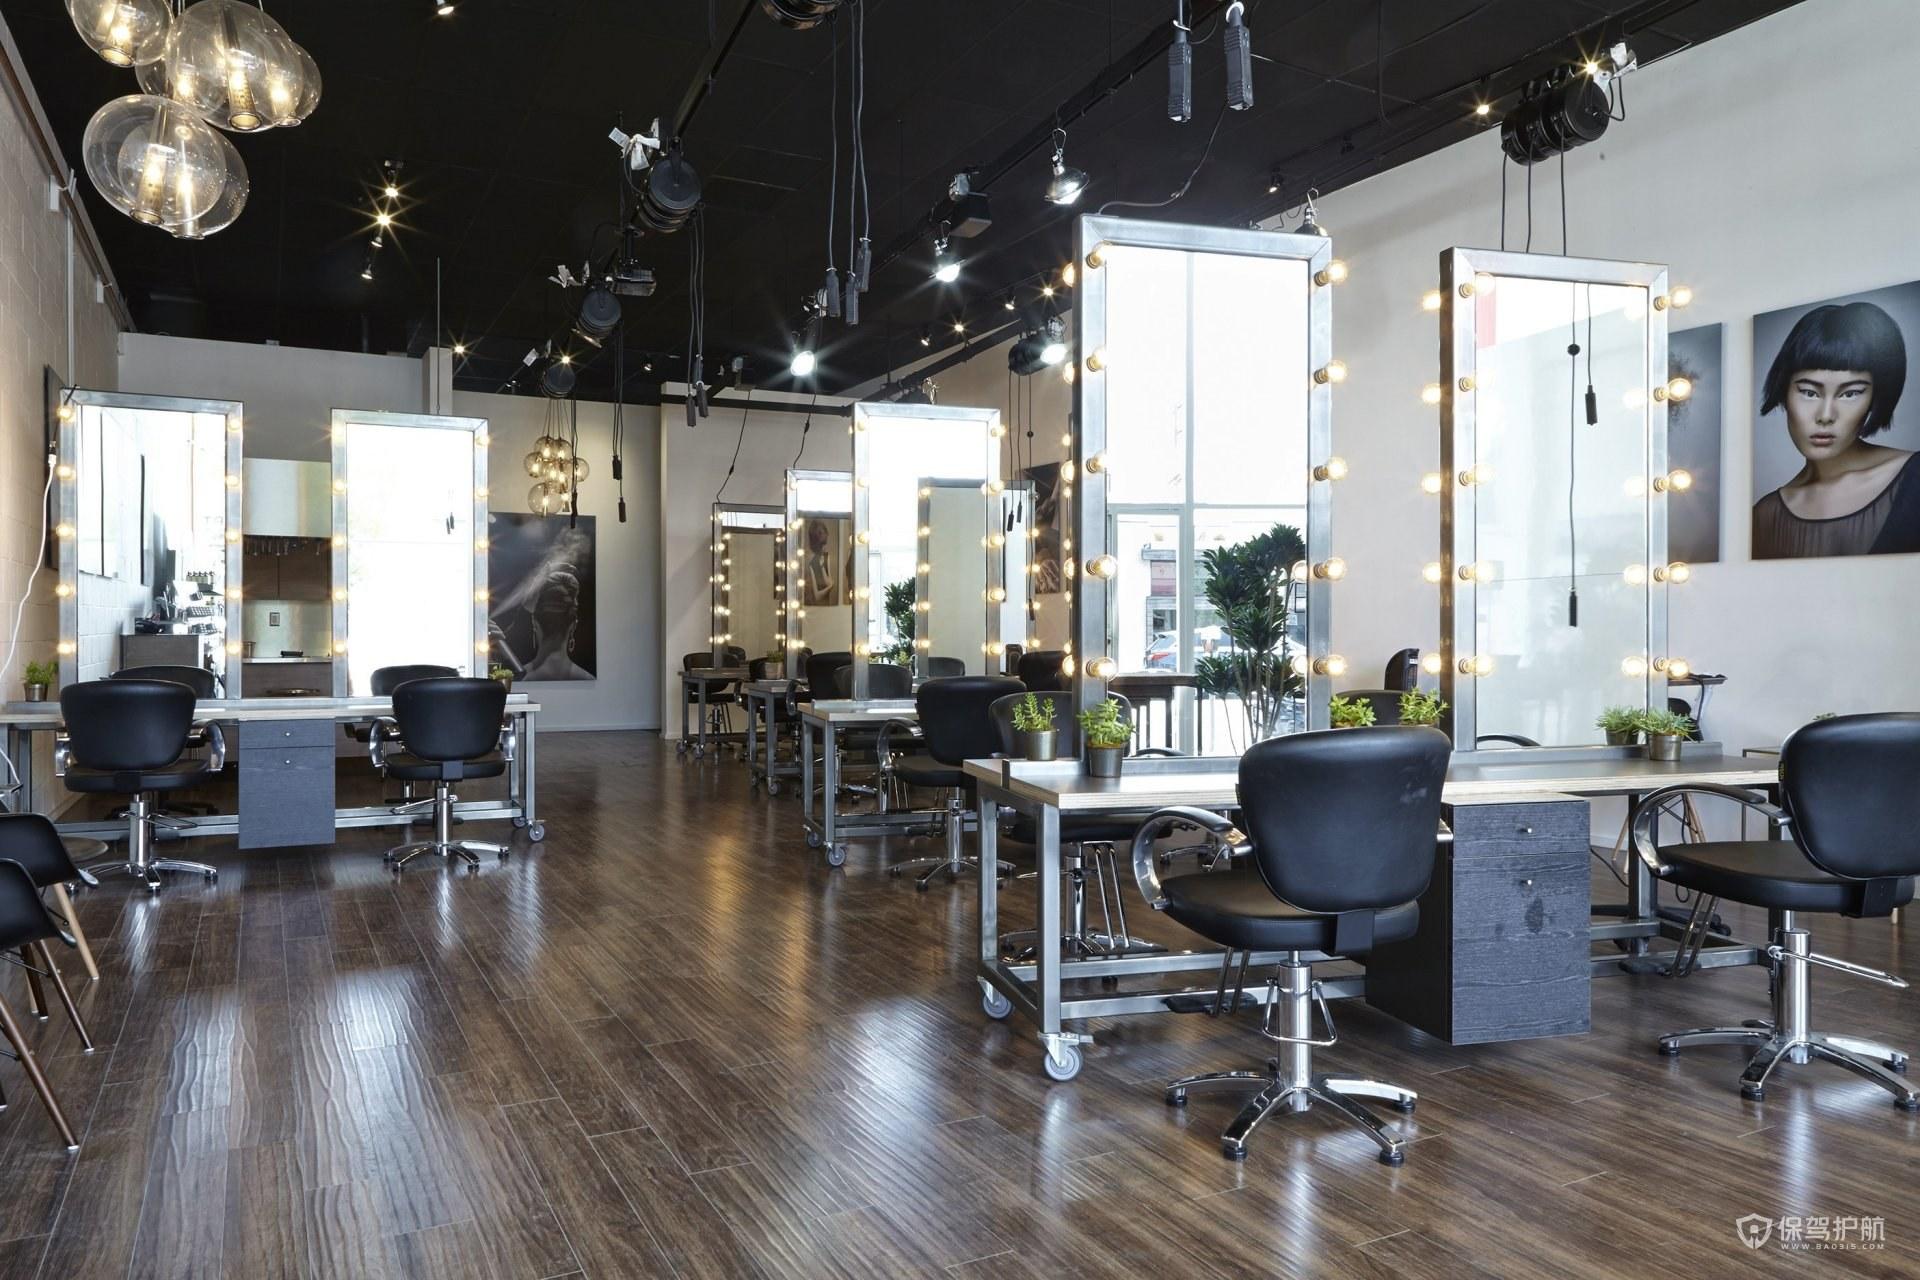 30平小理发店装修风格有哪些?30平小理发店装修效果图